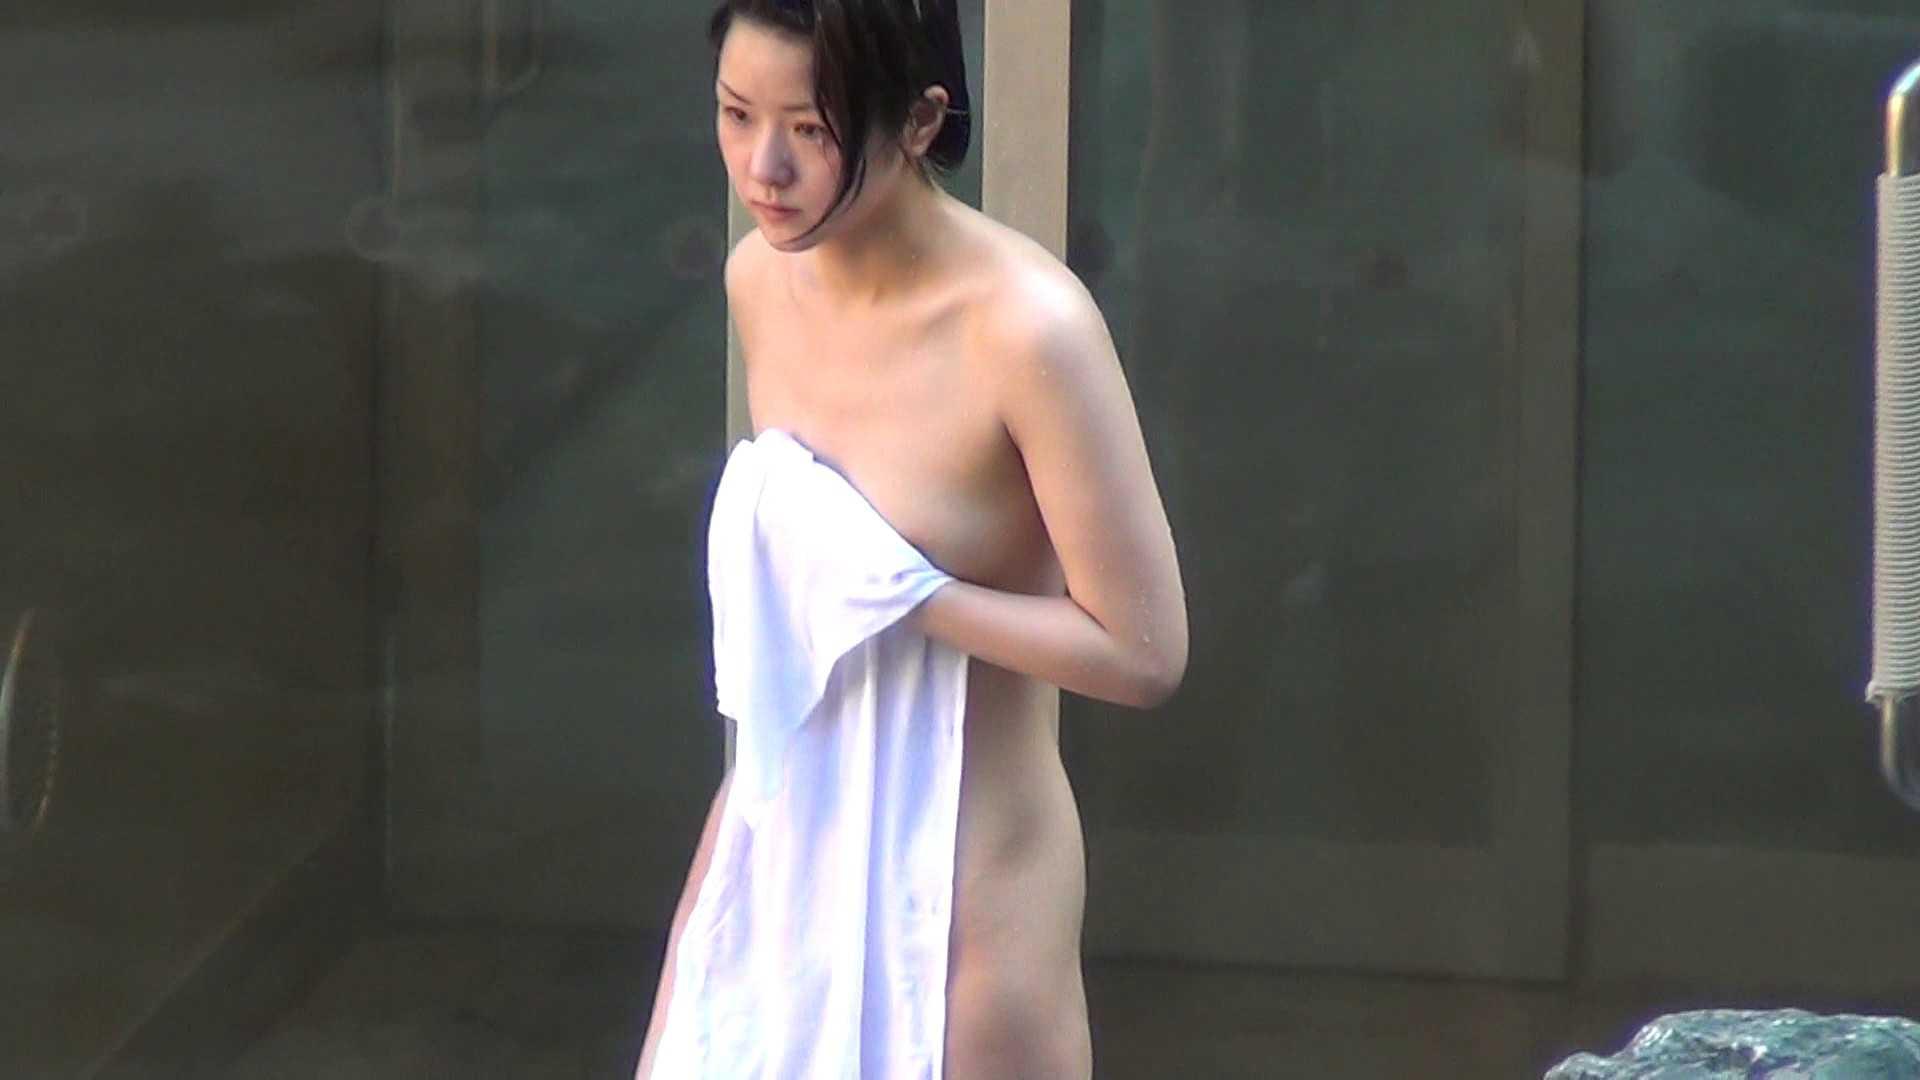 ハイビジョンVol.6 白い素肌にピンクのほっぺ 美乳 濡れ場動画紹介 81枚 22